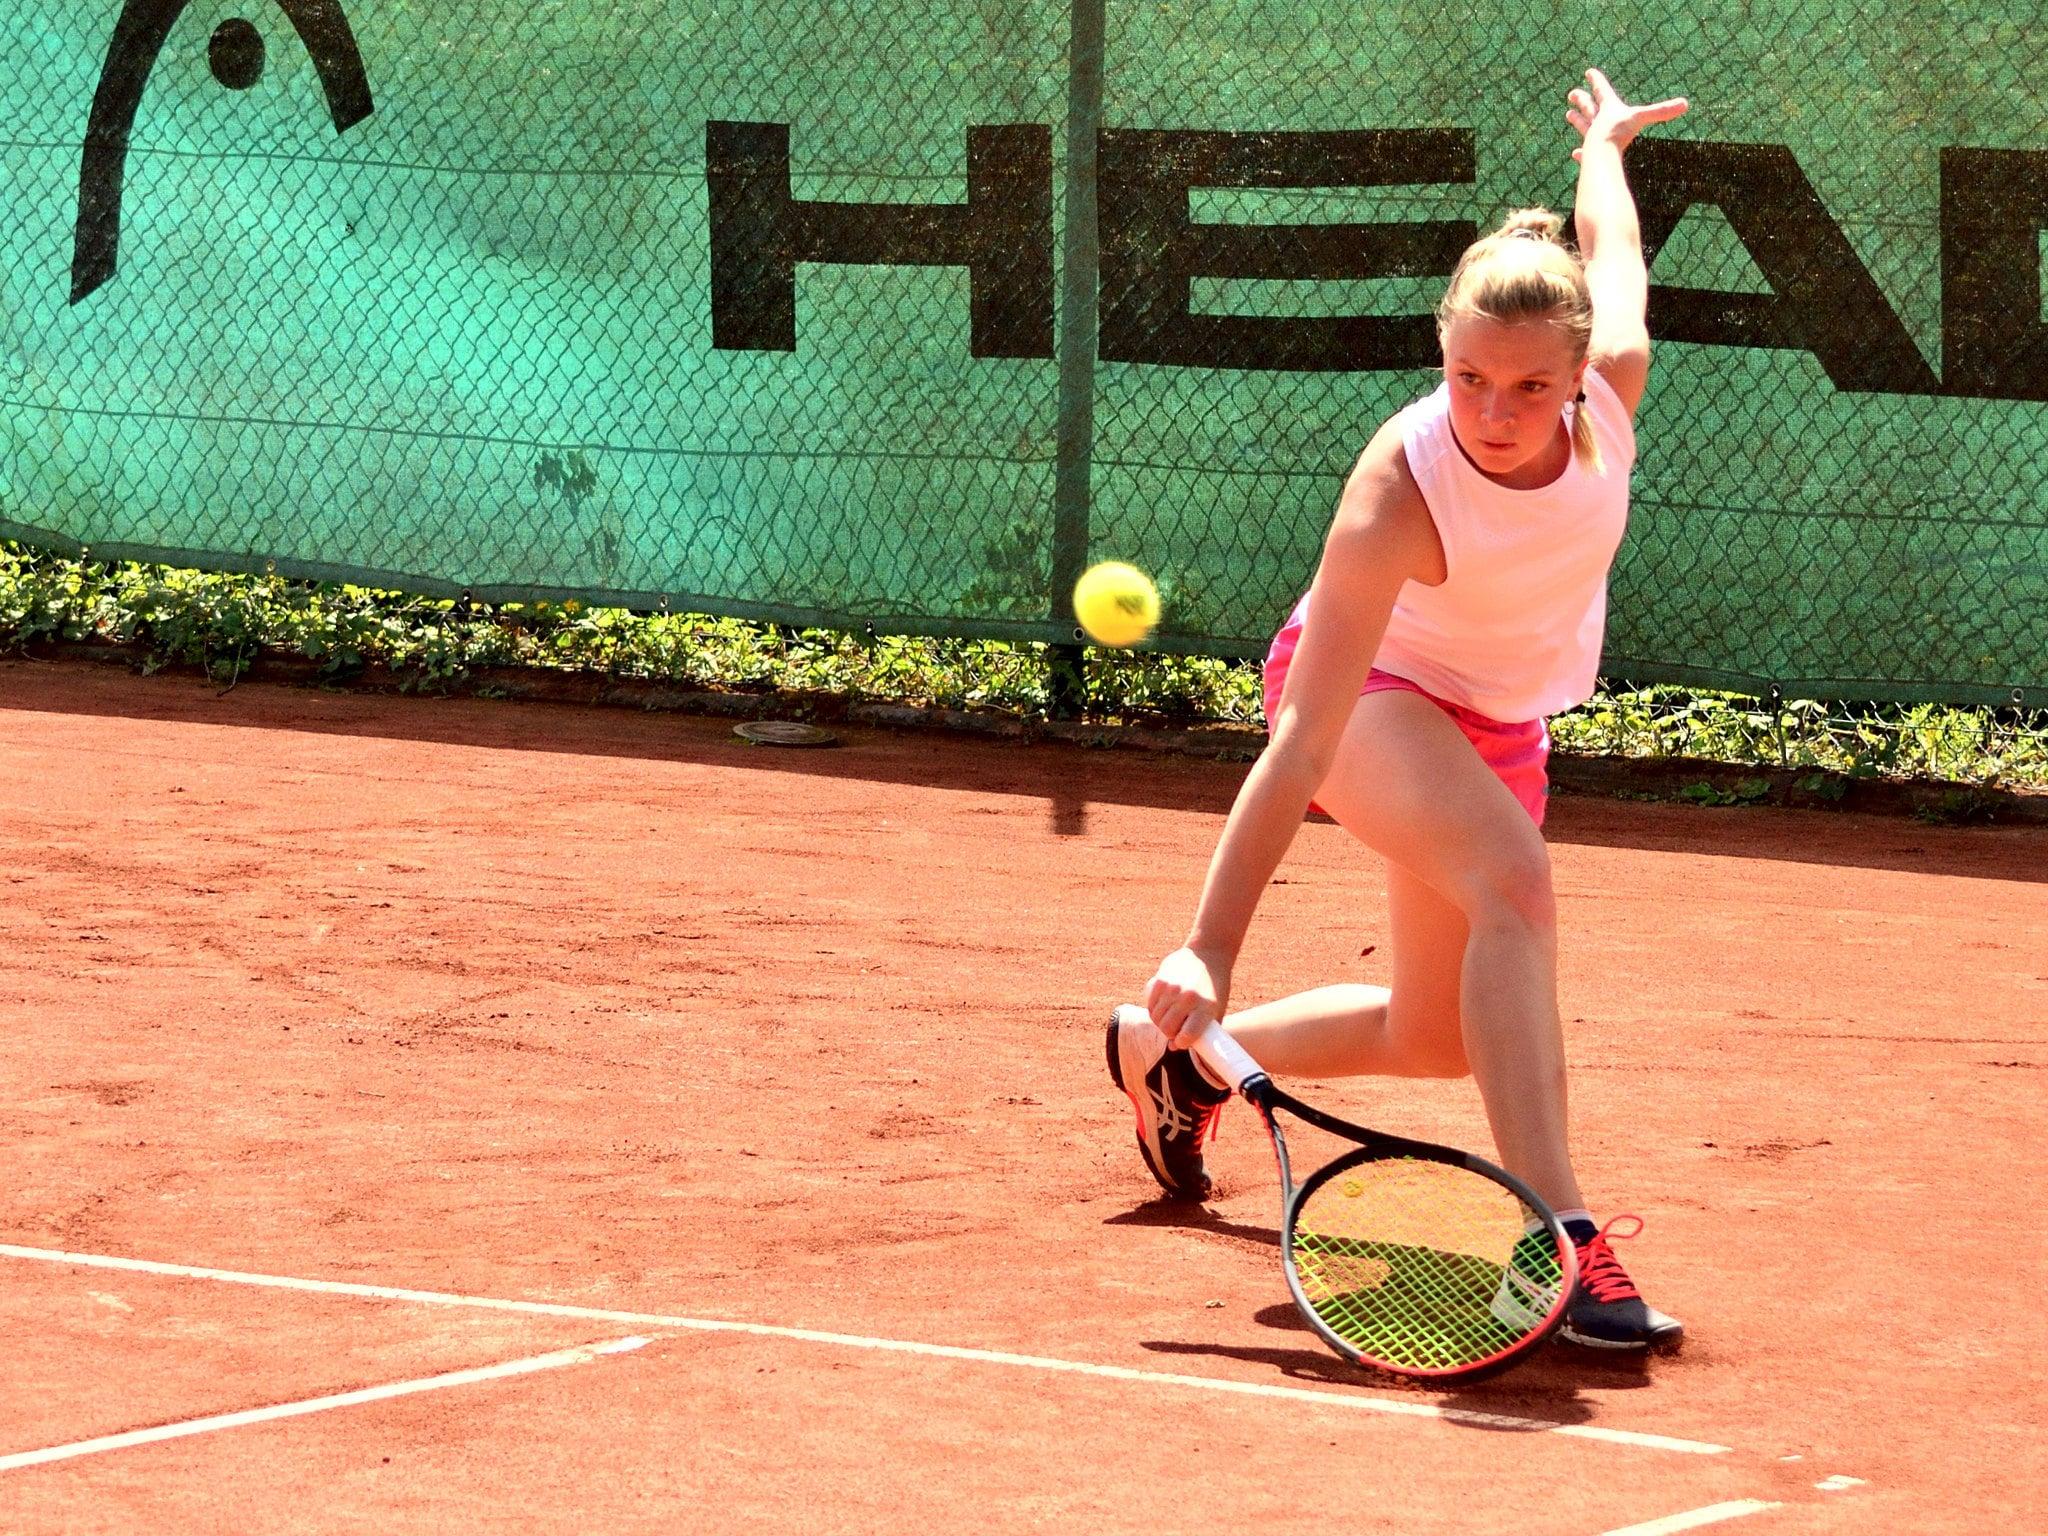 Blau Weiß Hand Sportverein Tennis Luise